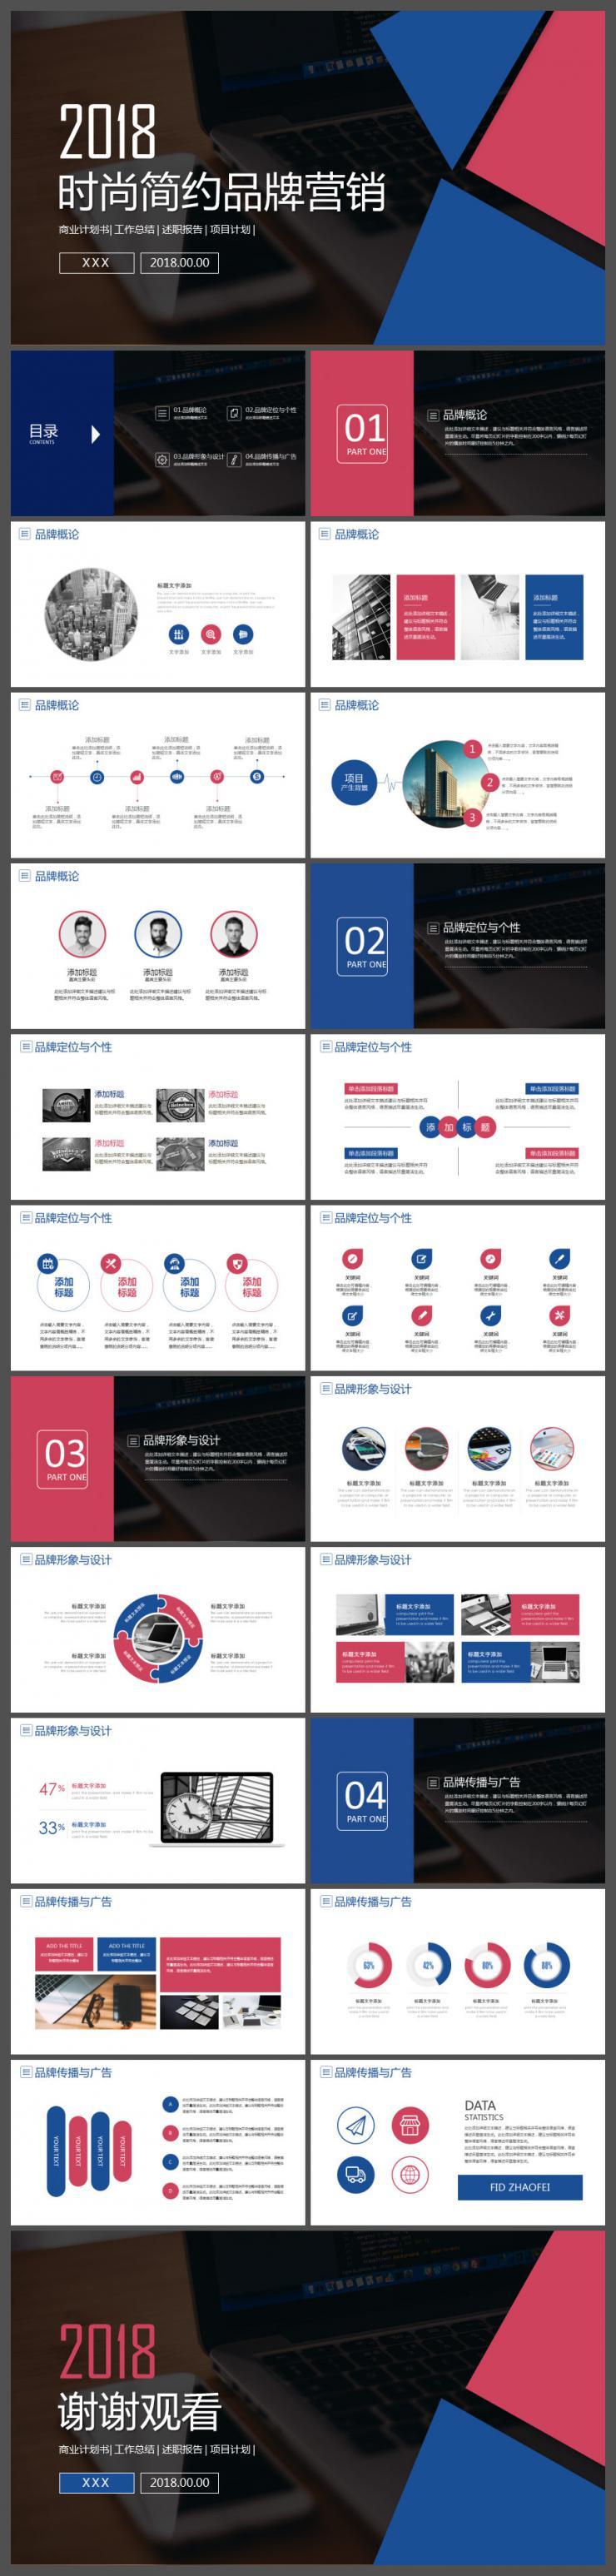 时尚唯美品牌营销方案策划计划书PPT模板